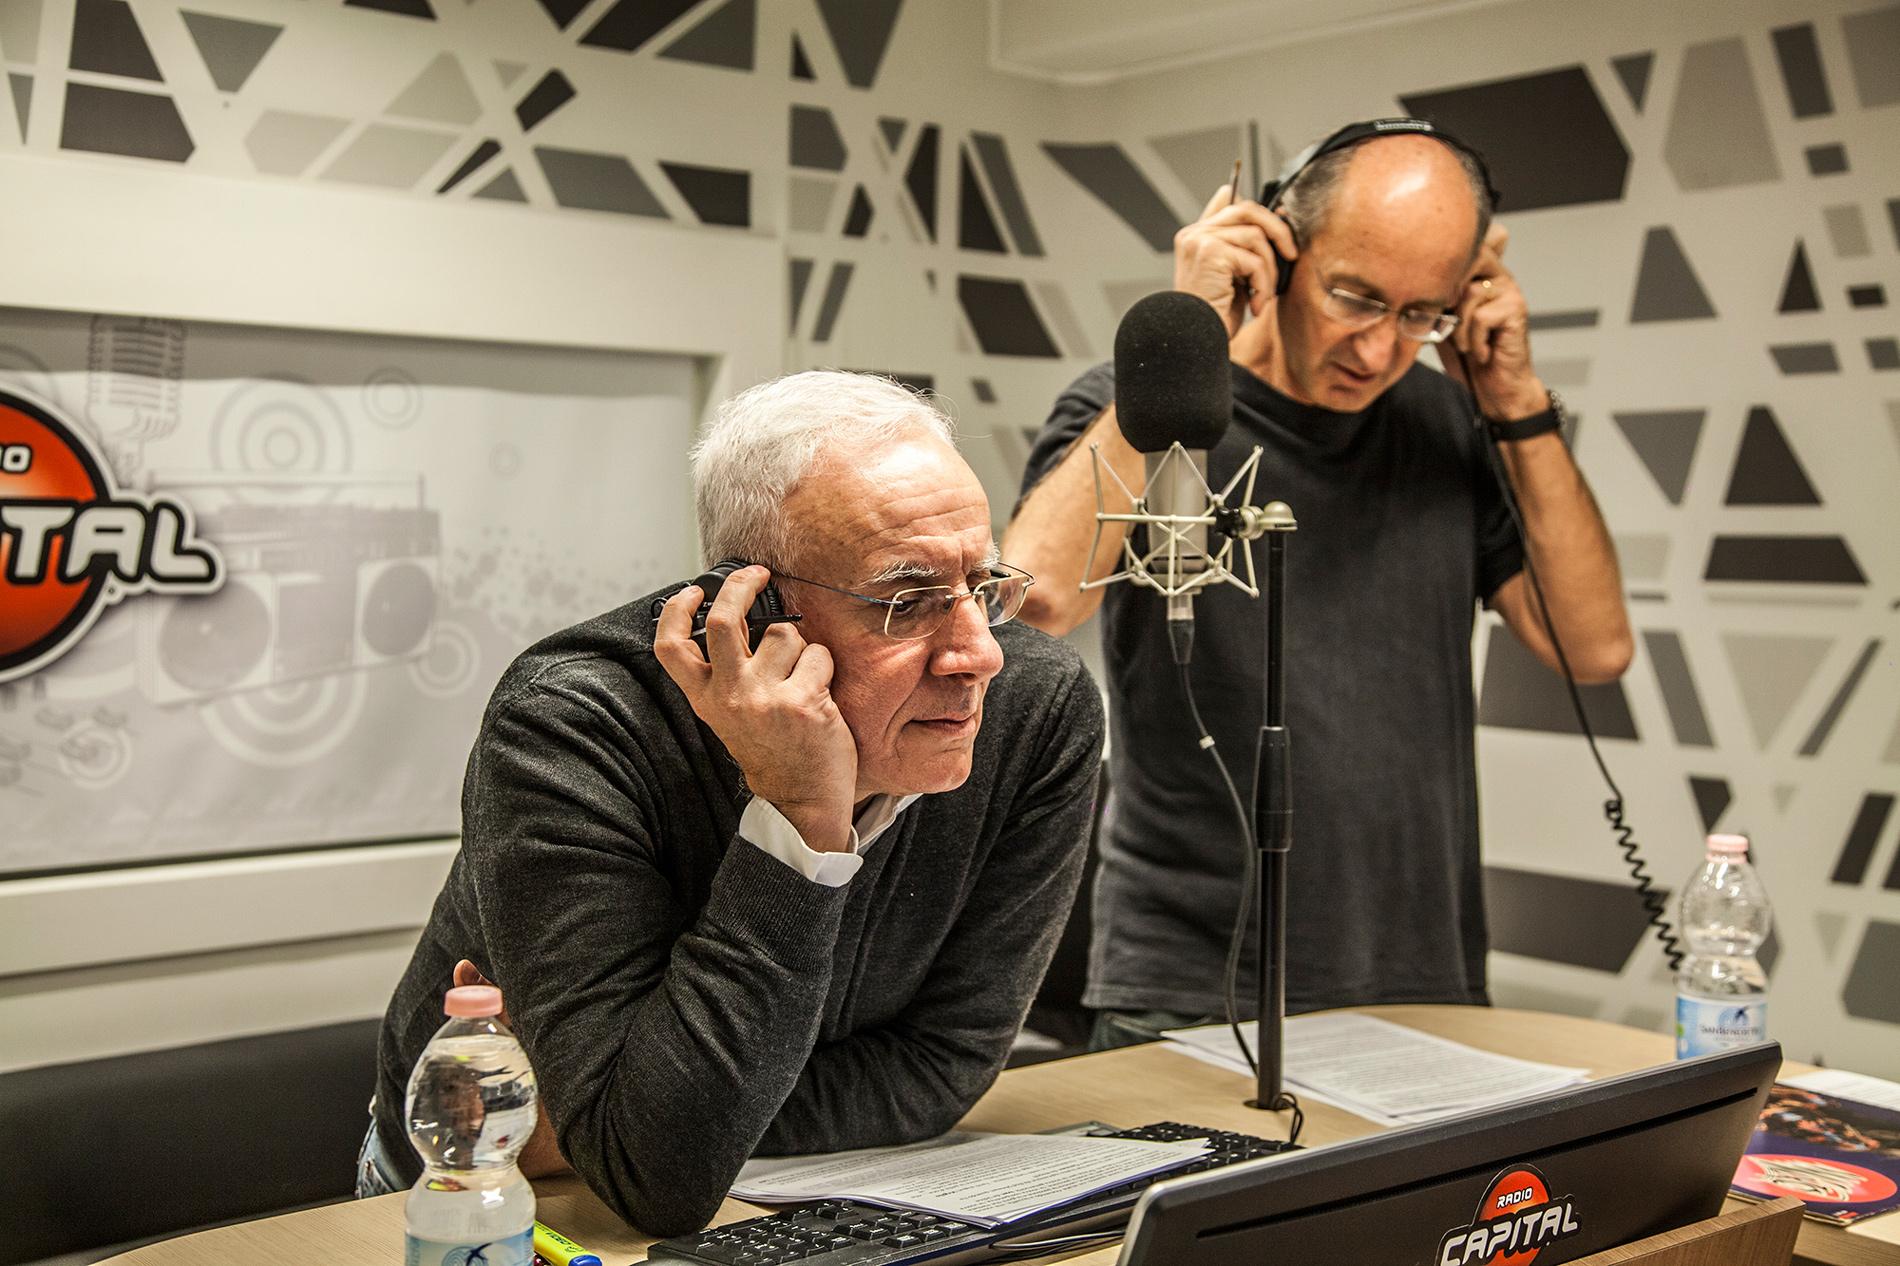 Massimo Oldani Radio Capital - Radio. La coppia vacilla come relazione sociale stabile, ma diventa elemento imprescindibile nelle trasmissioni